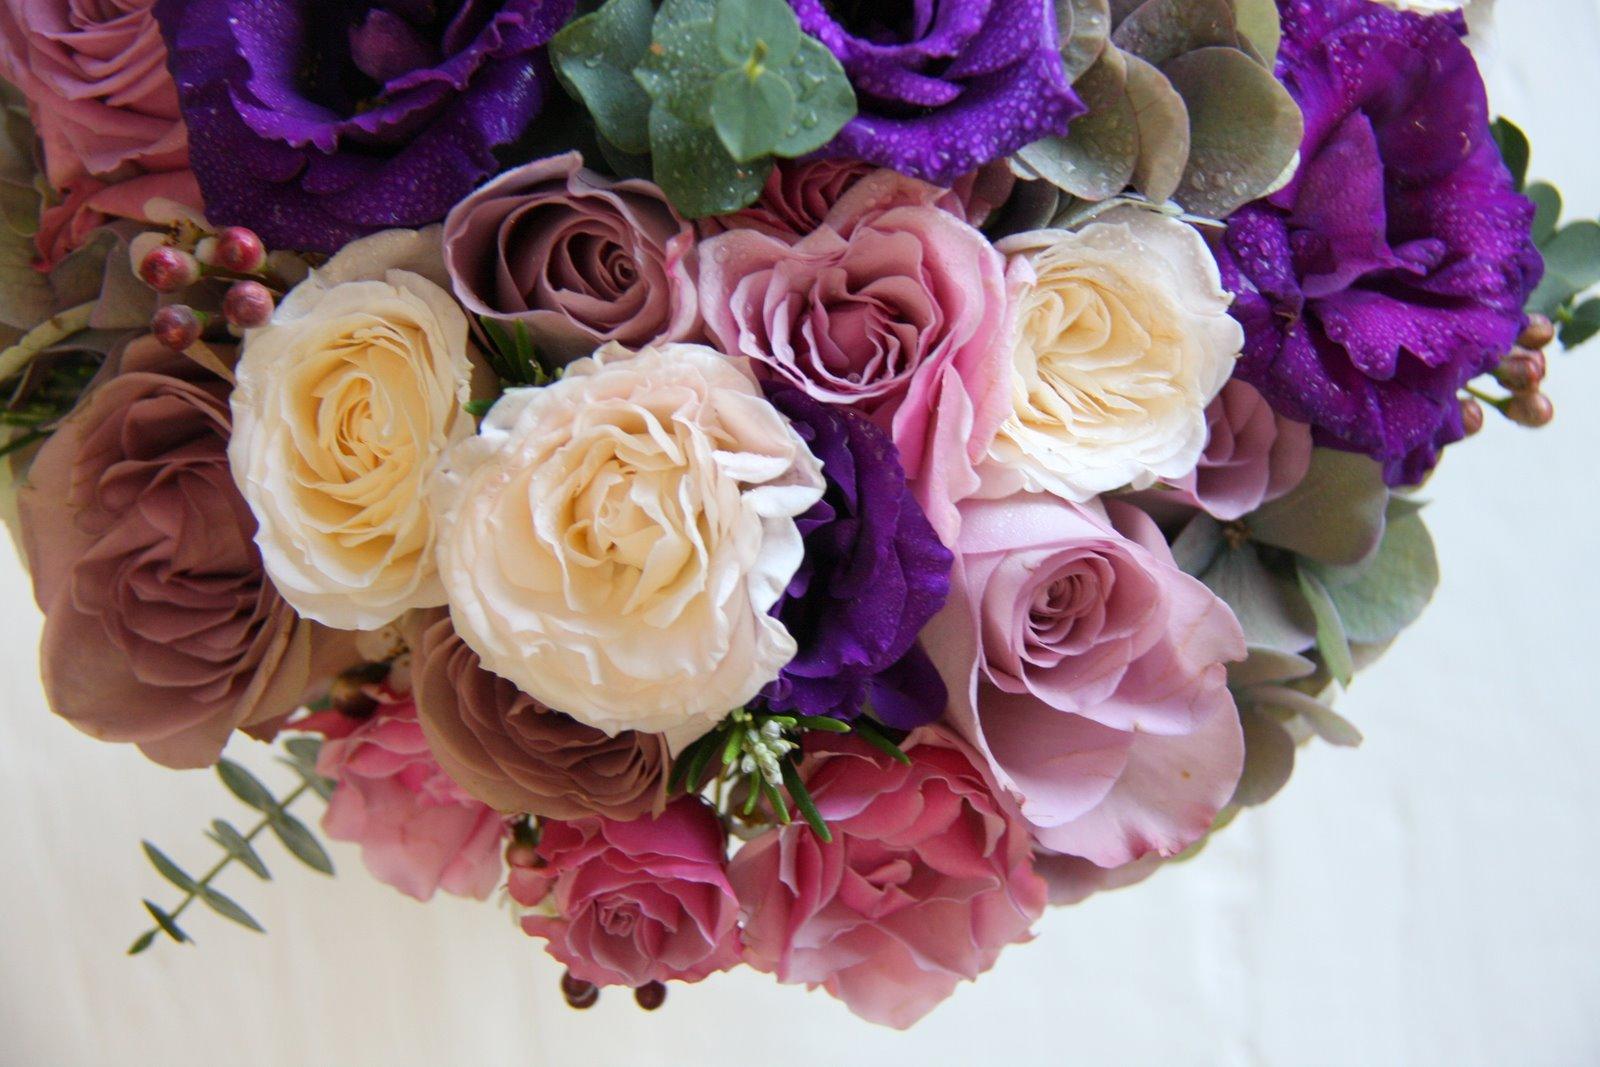 Purple Wedding Flowers Bridal Bouquet picture wallpaper (1600 x 1067 )